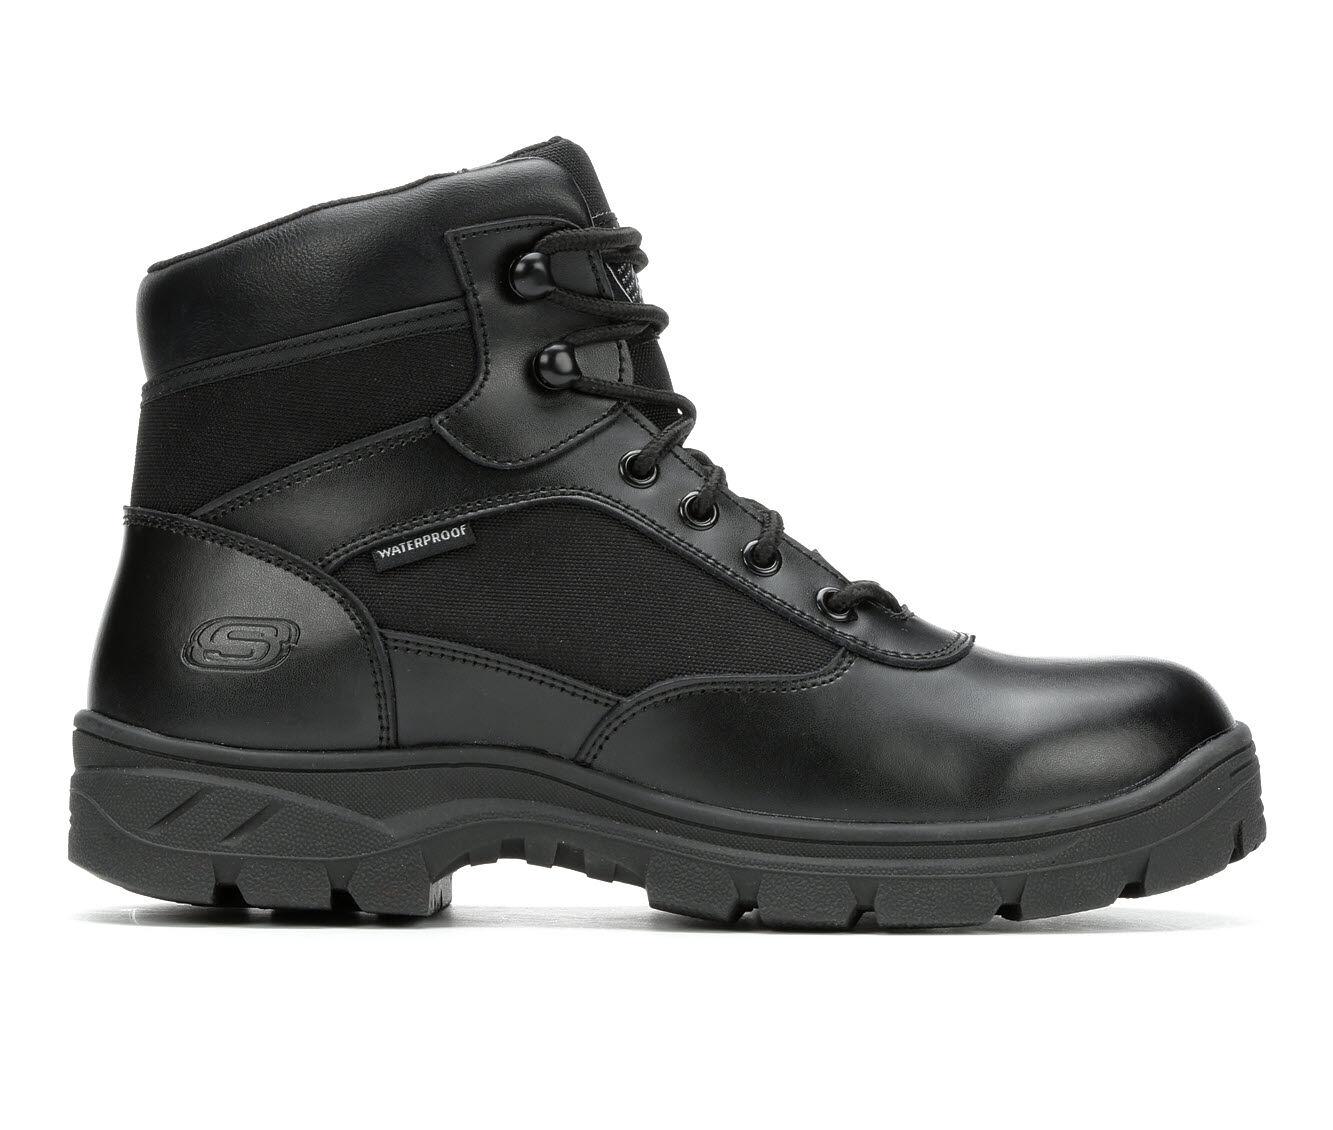 Men's Skechers Work Benen Electrical Hazard Waterproof 77526 Work Boots Black